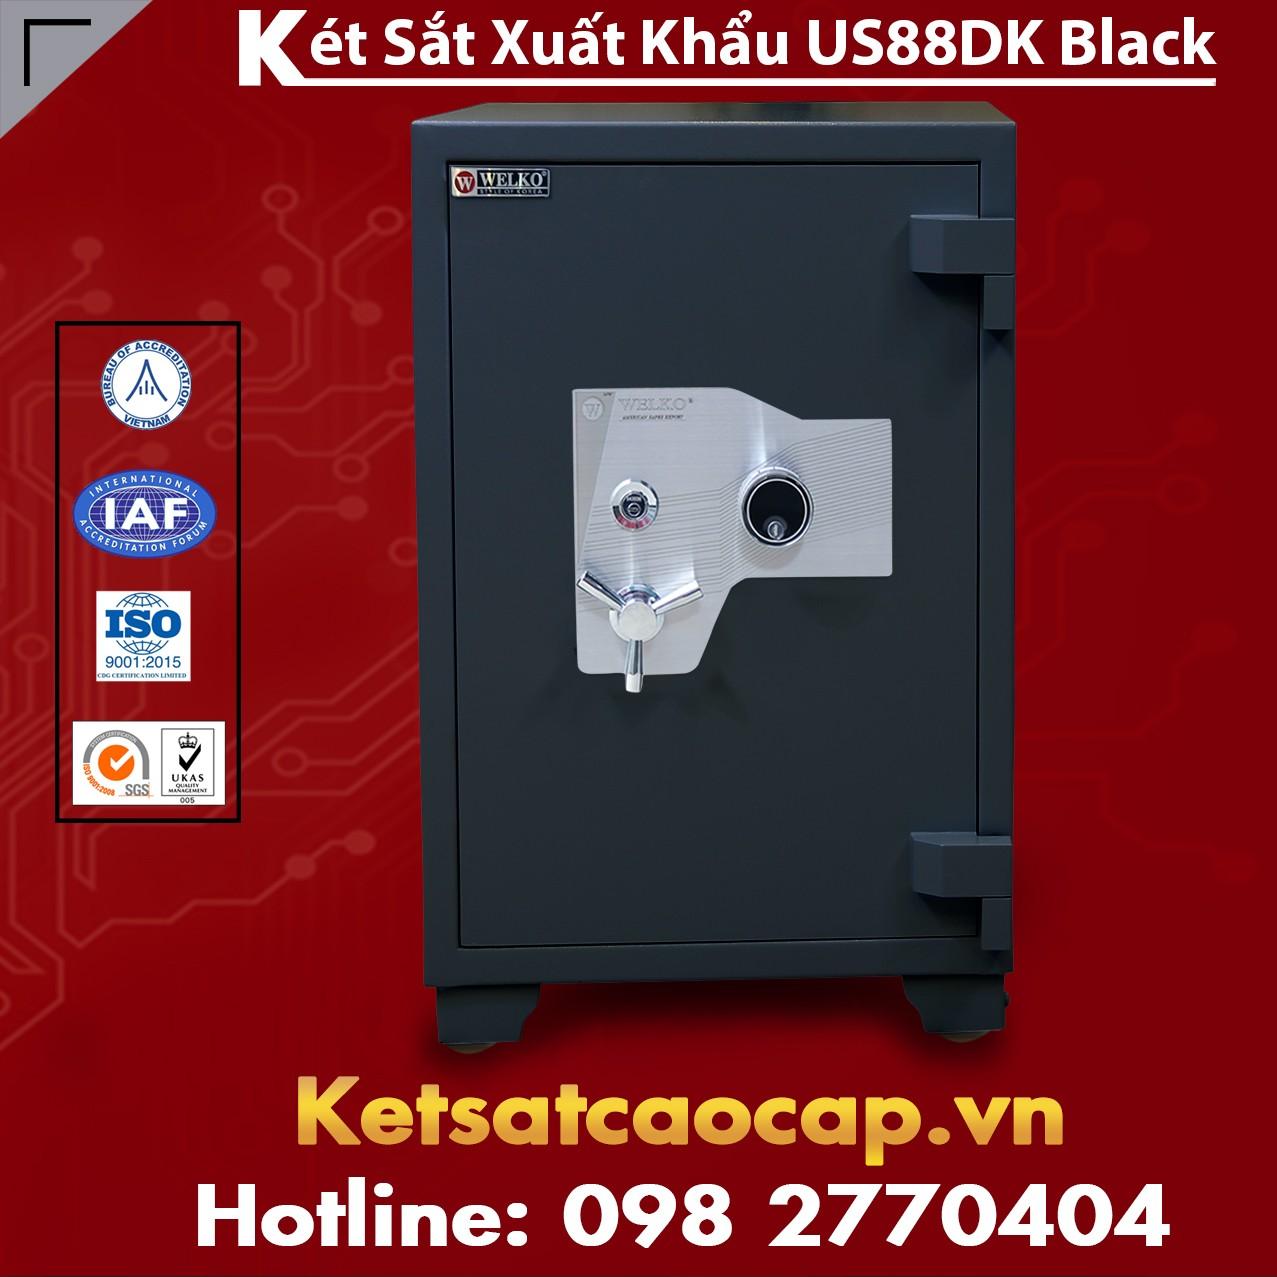 Két Sắt Xuất Khẩu WELKO US88 DK Black